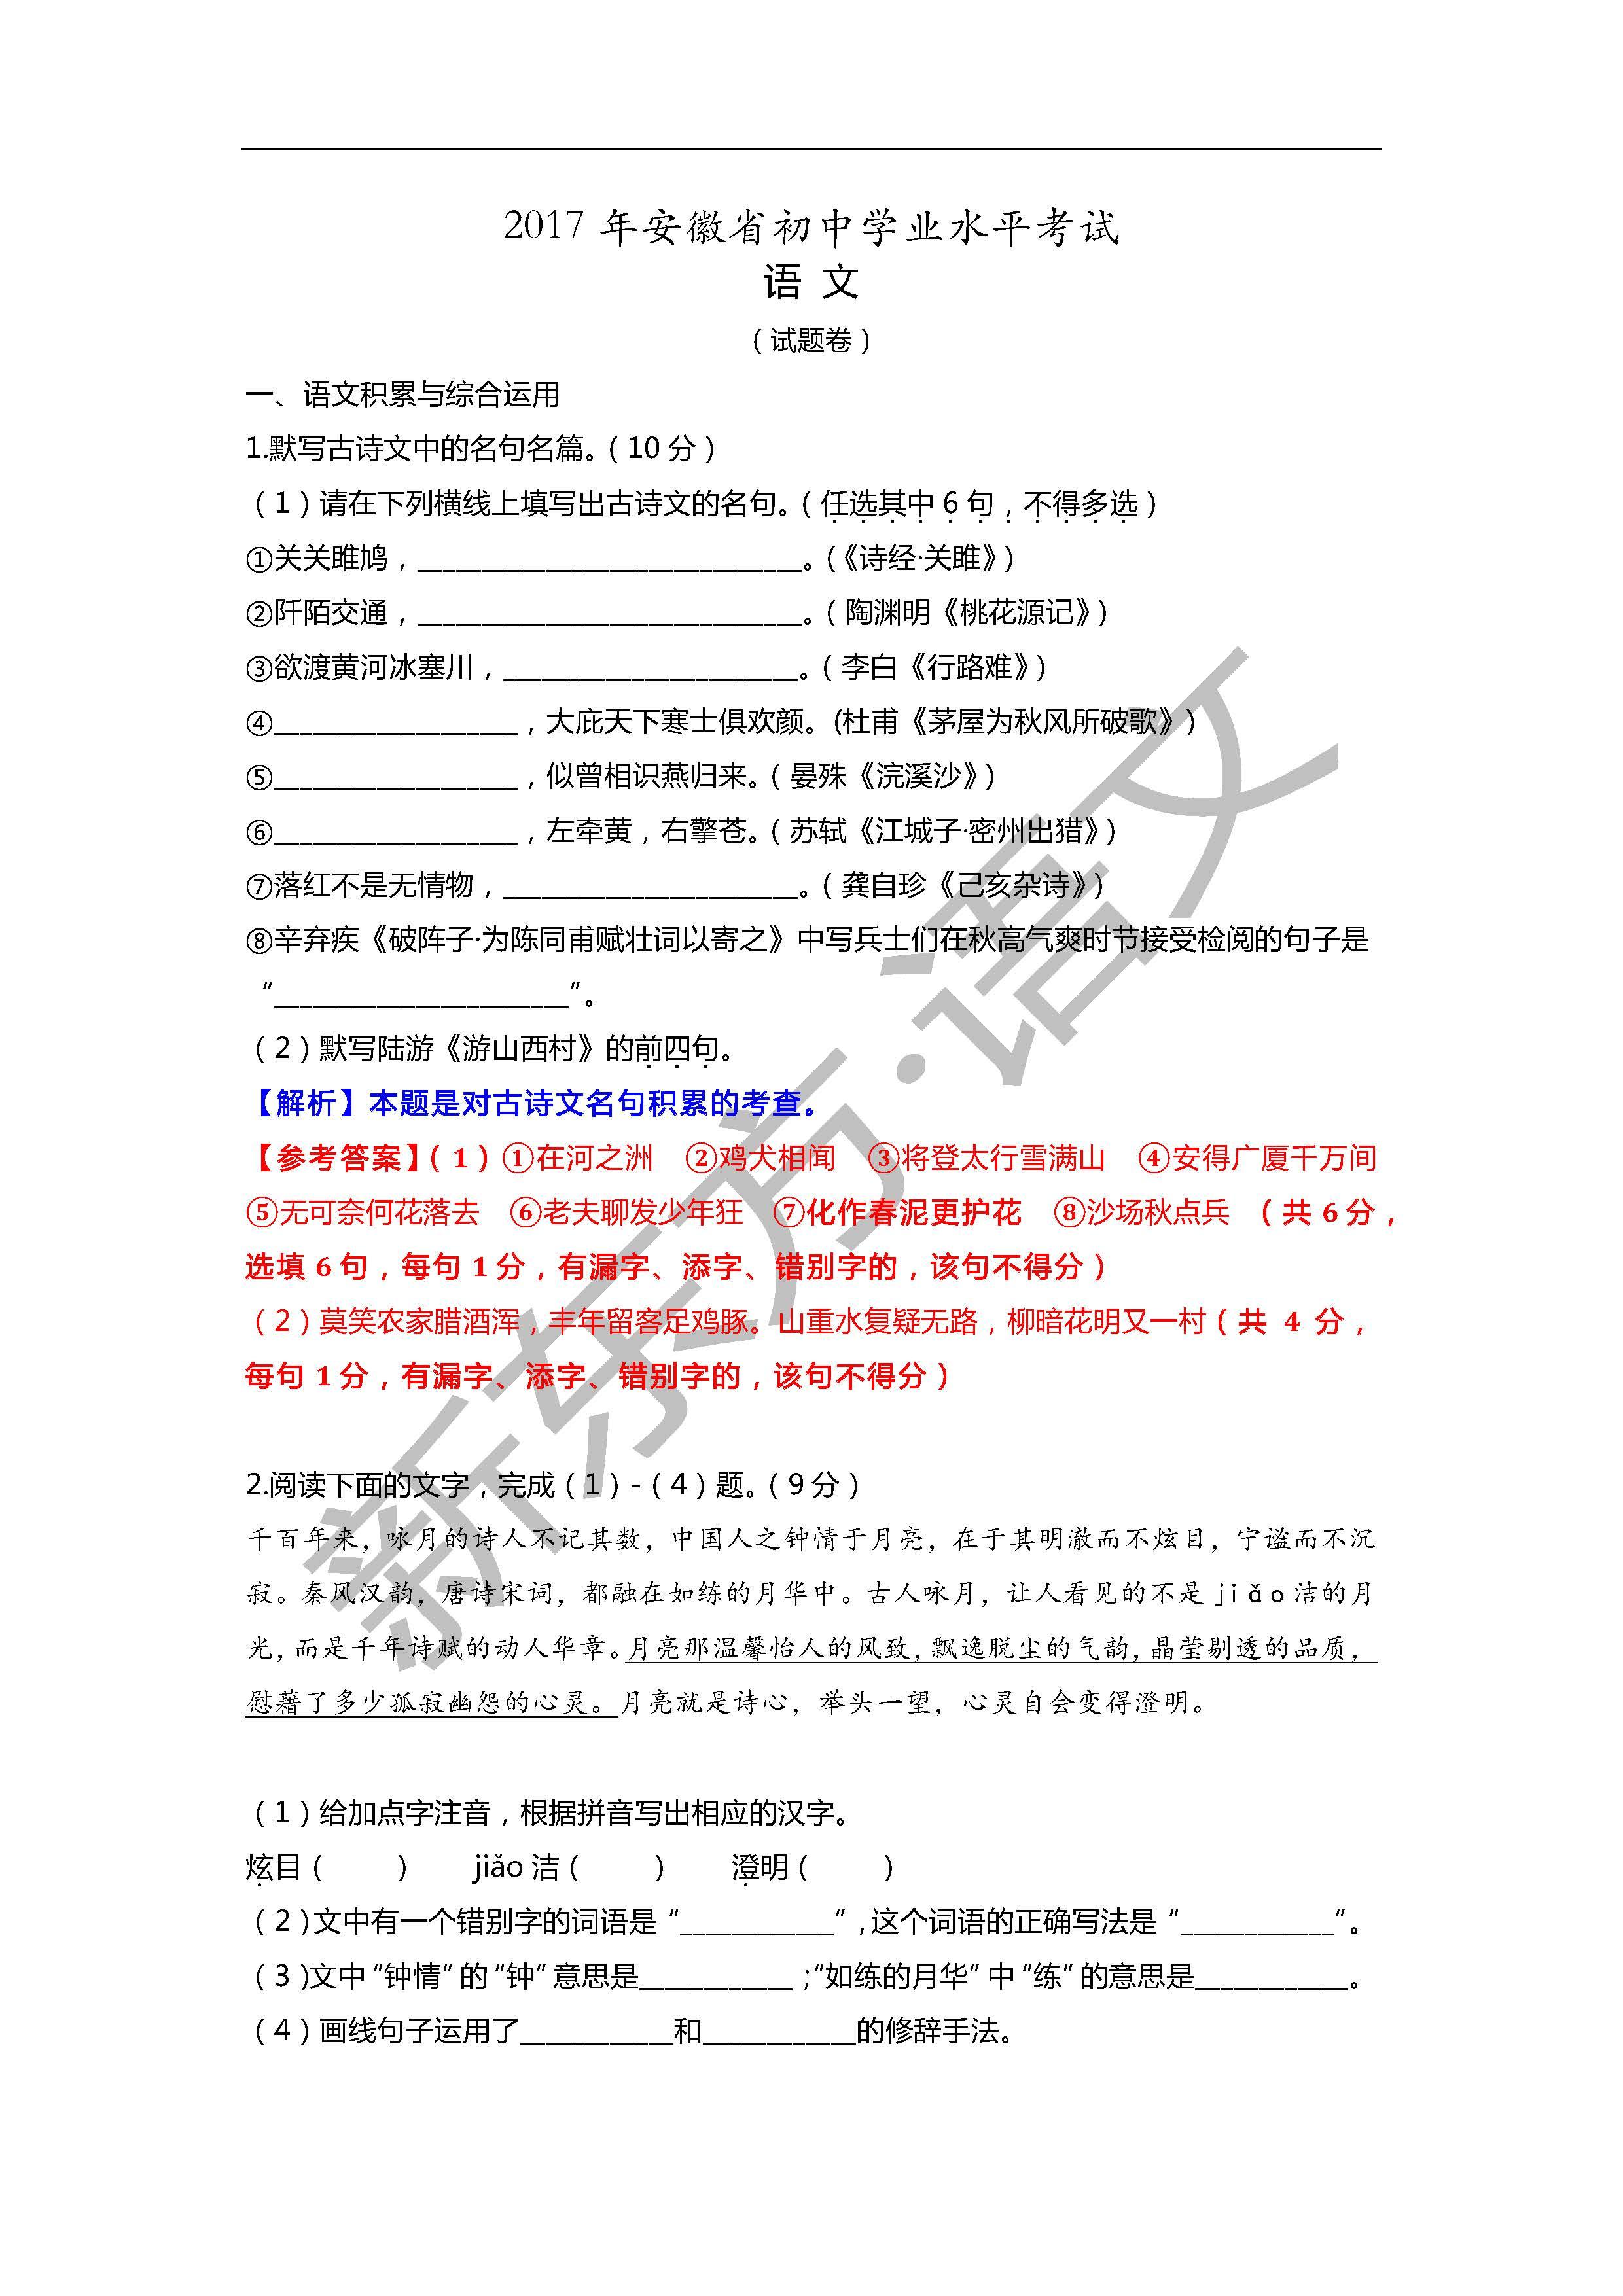 新东方名师逐题解析2017安徽中考语文答案(合肥新东方学校)